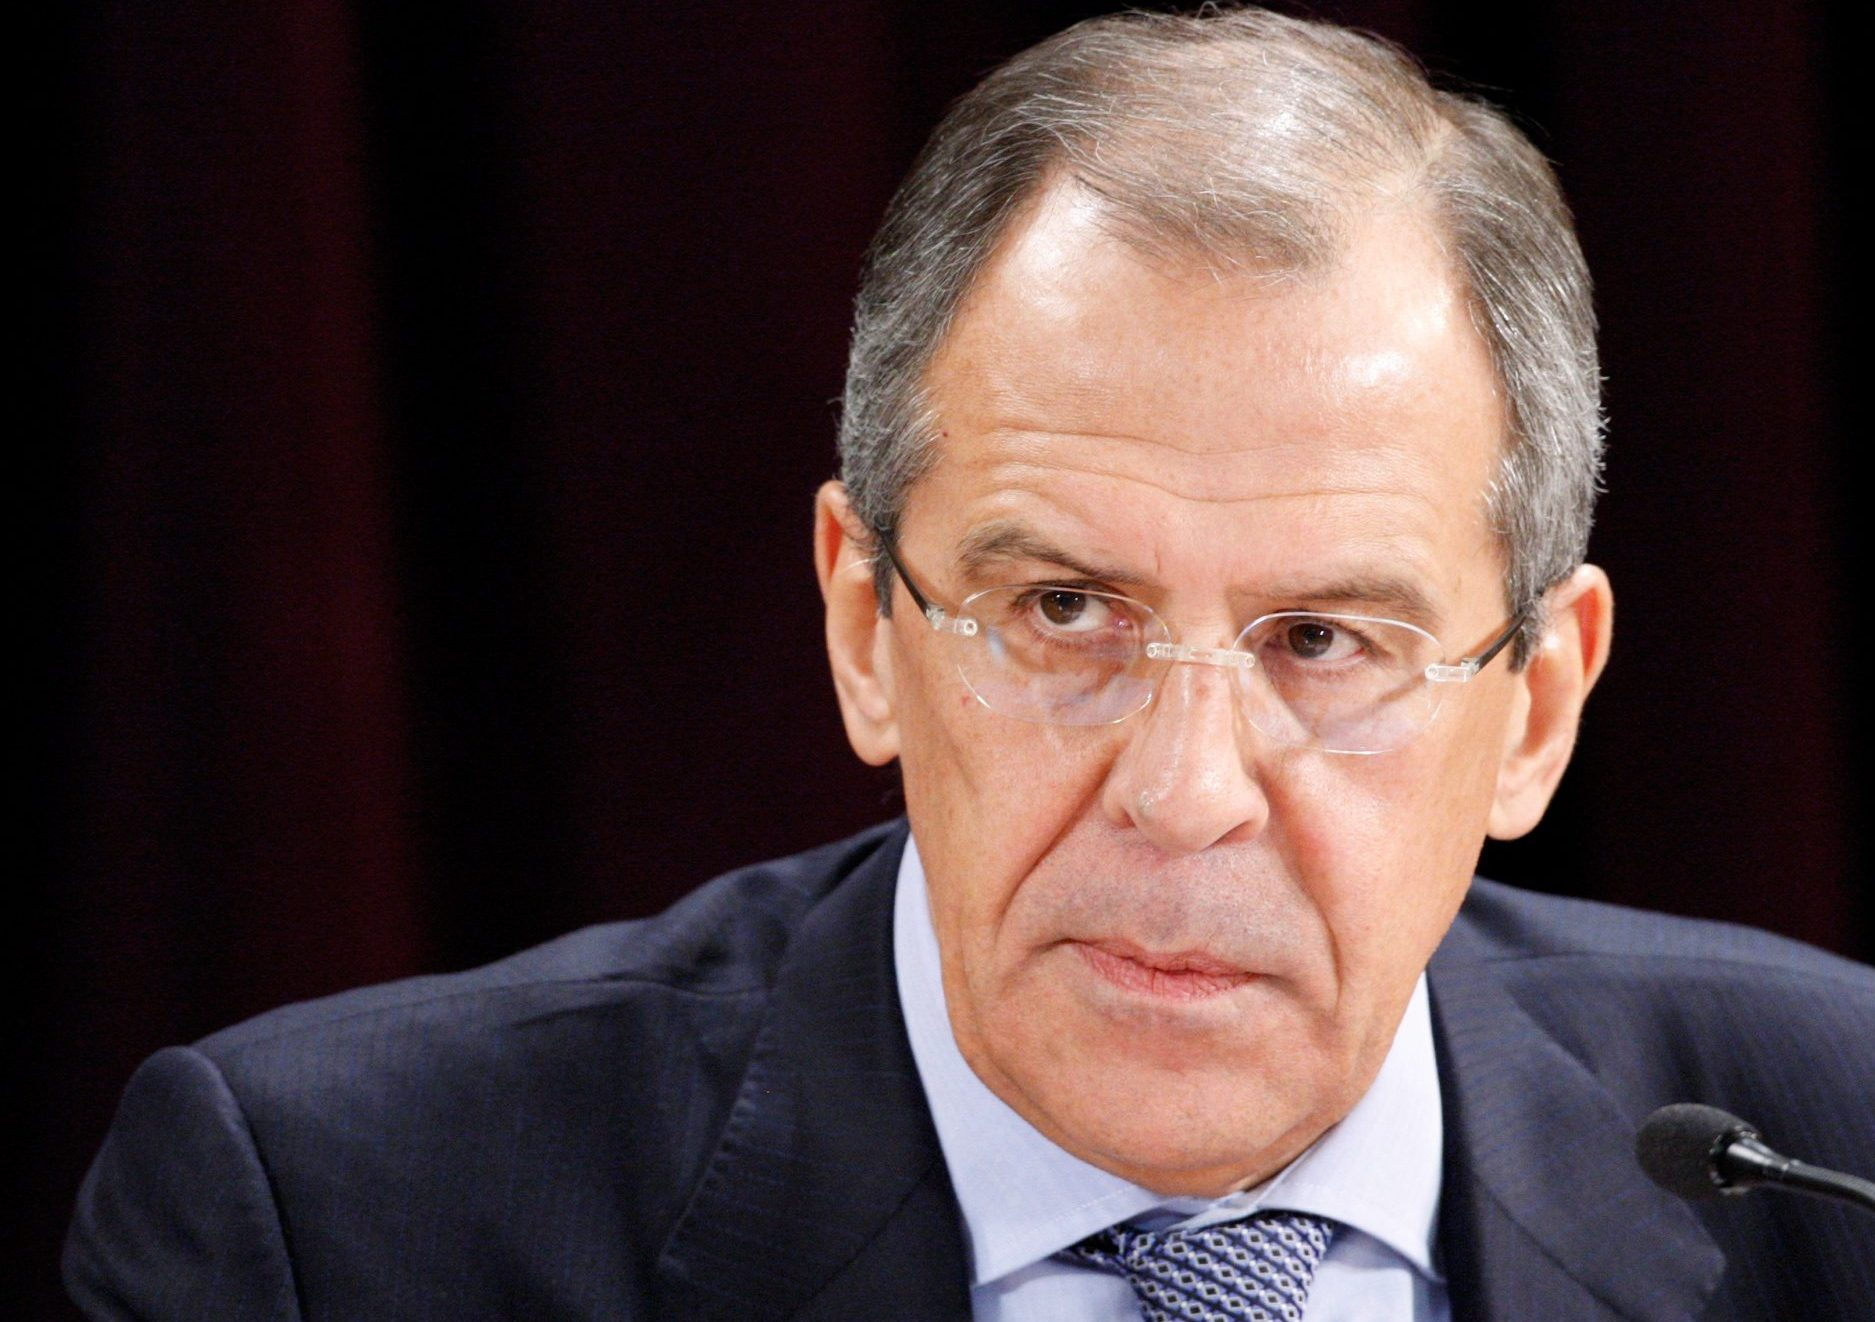 Лавров приголомшив заявою про вирішення конфлікту наДонбасі